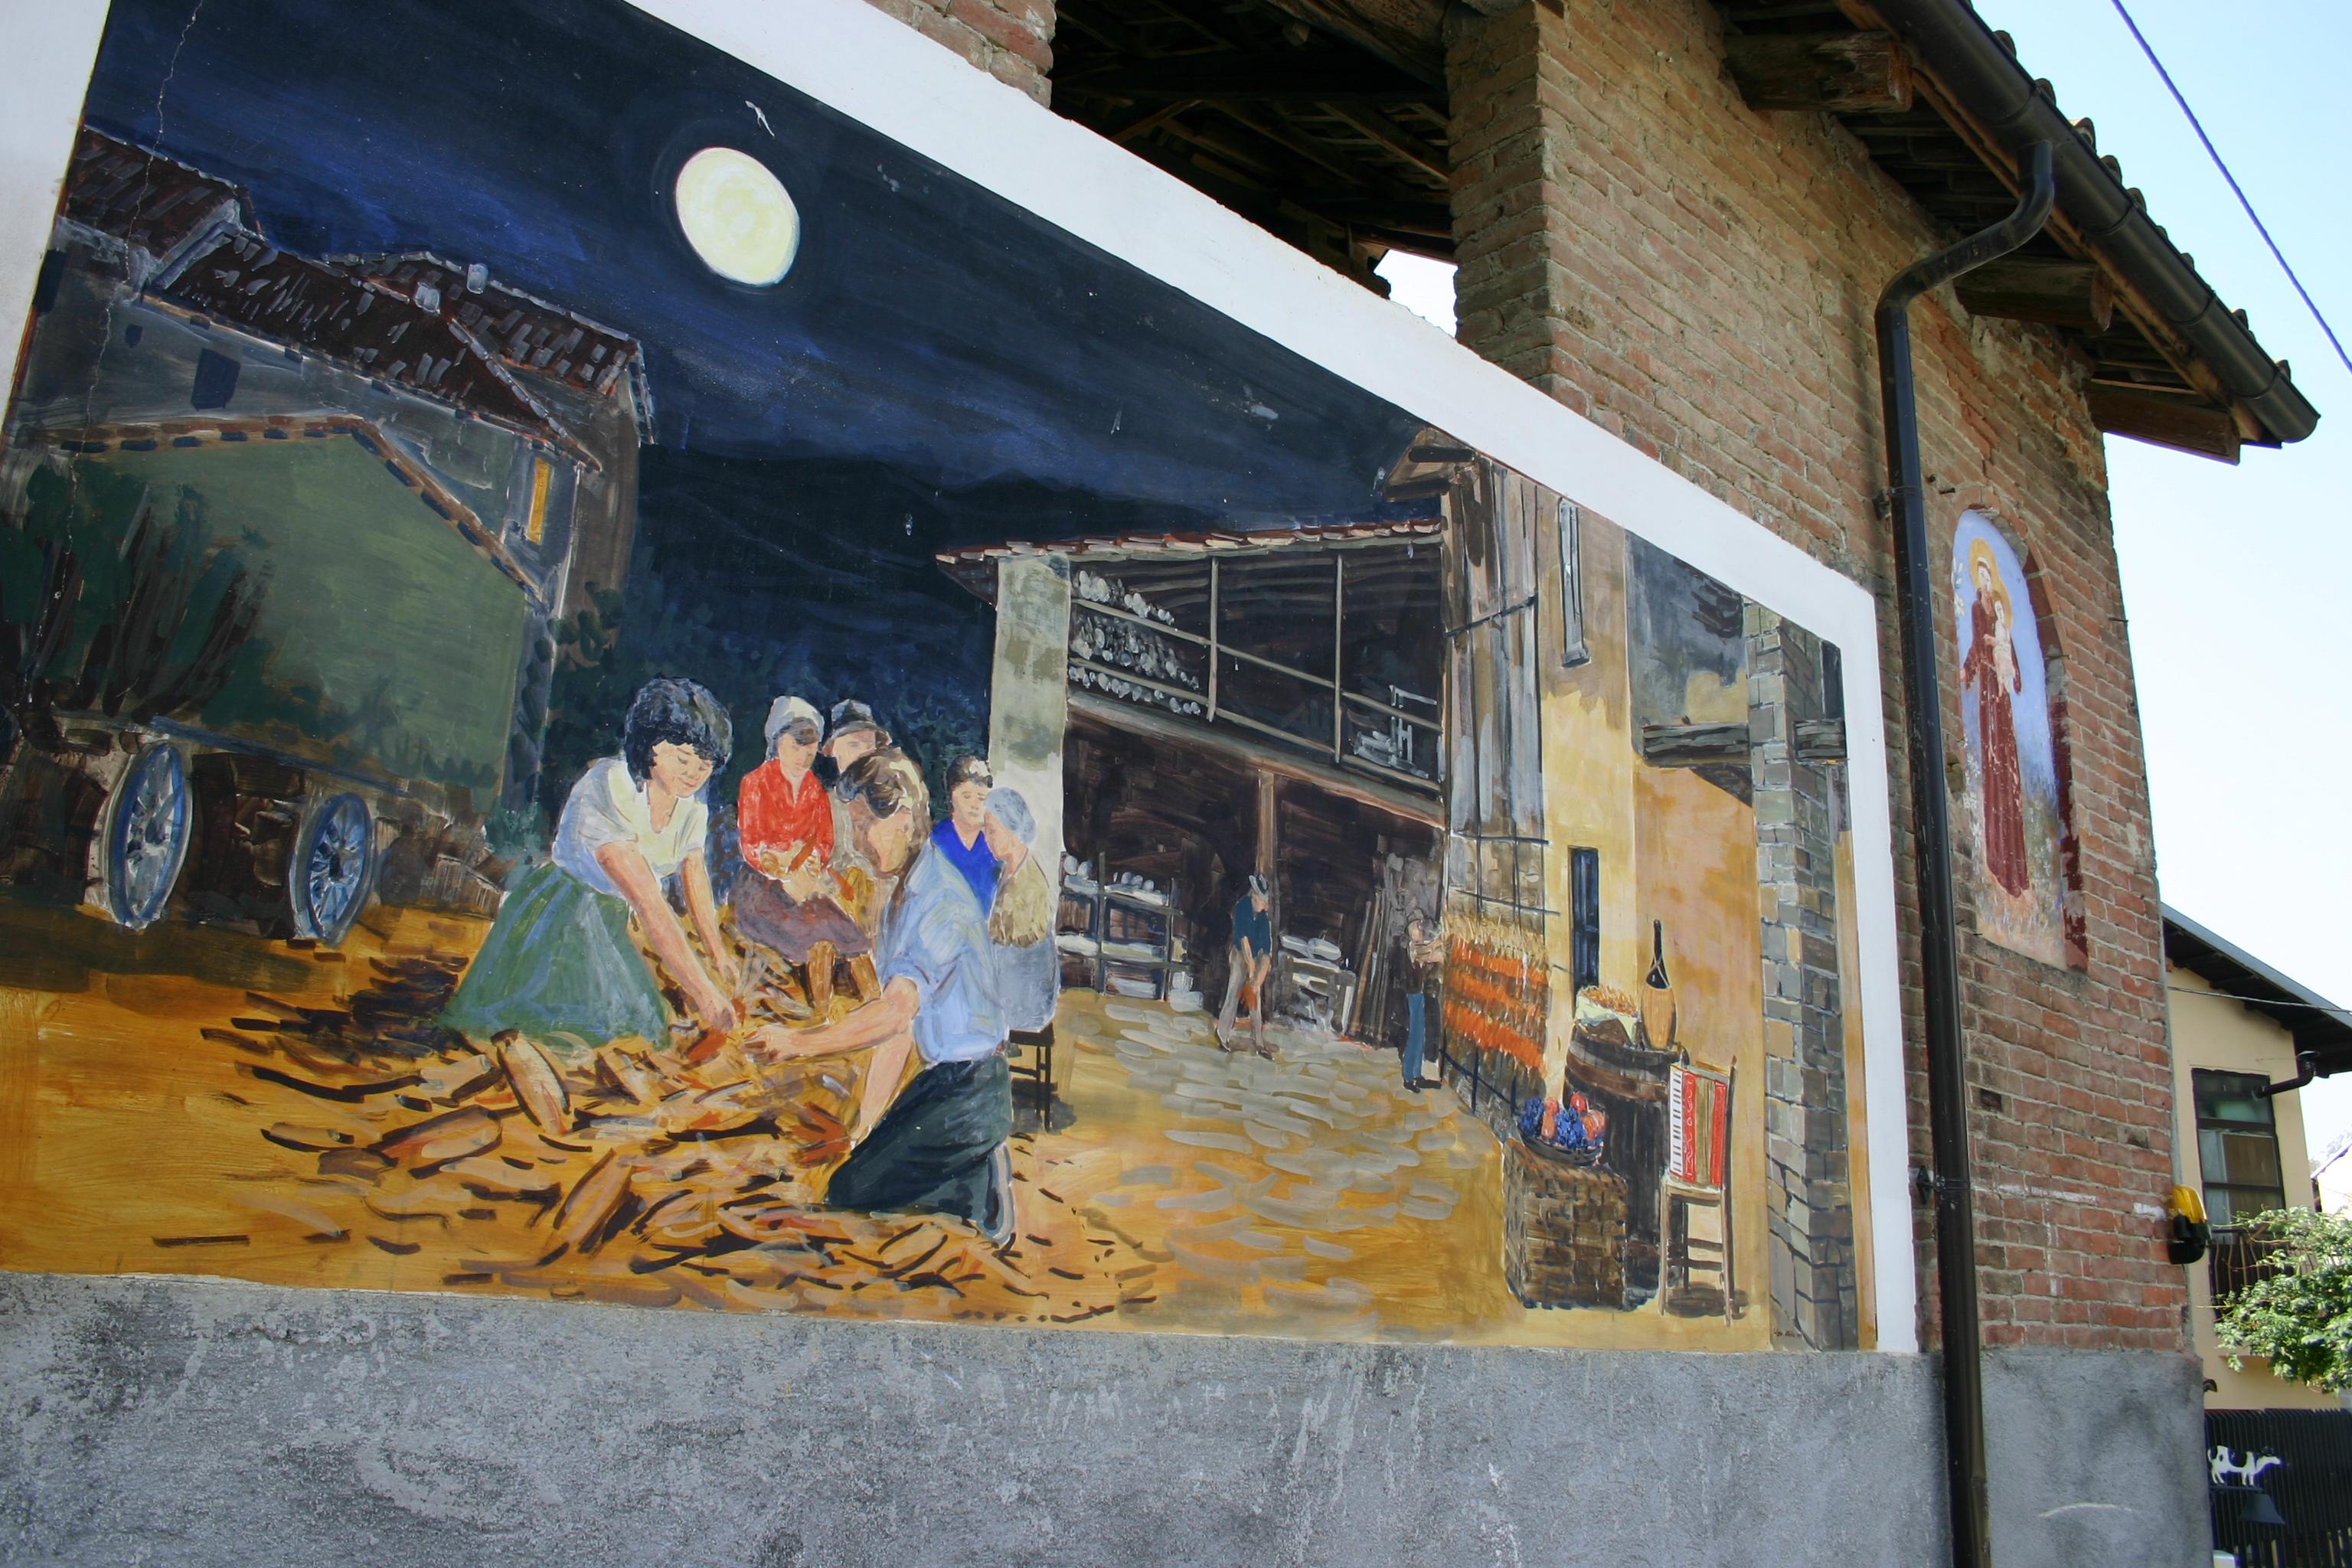 murales a Vergne, tra Barolo e Narzole